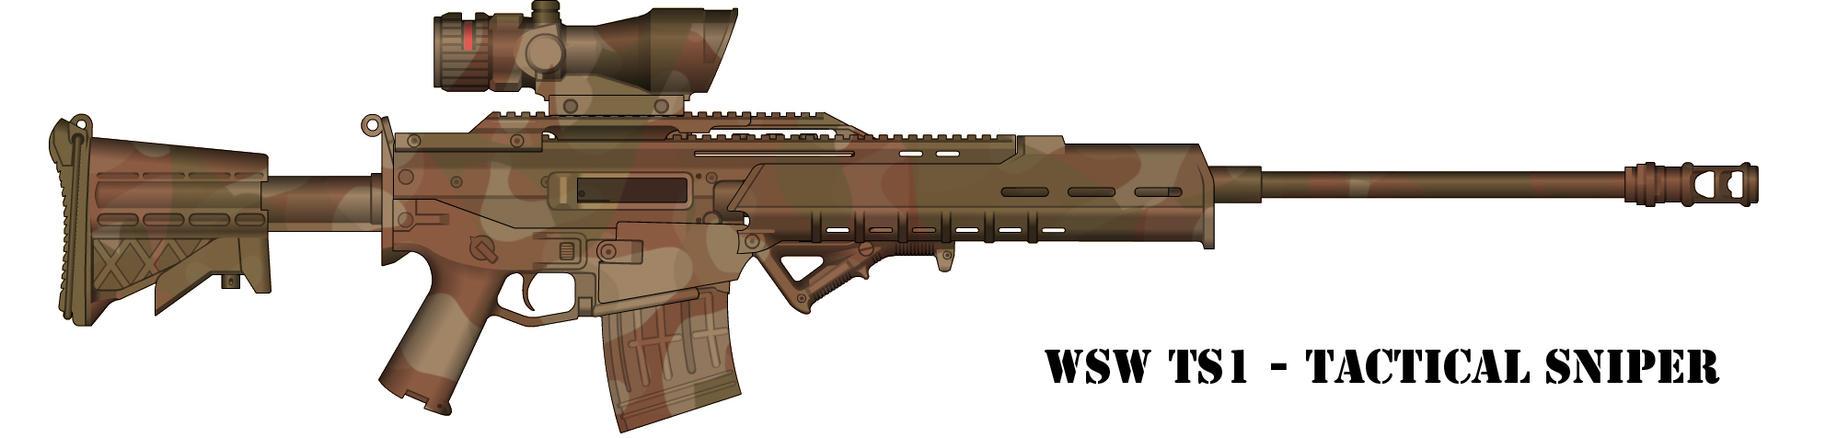 WSW TS1 by RoShinAU